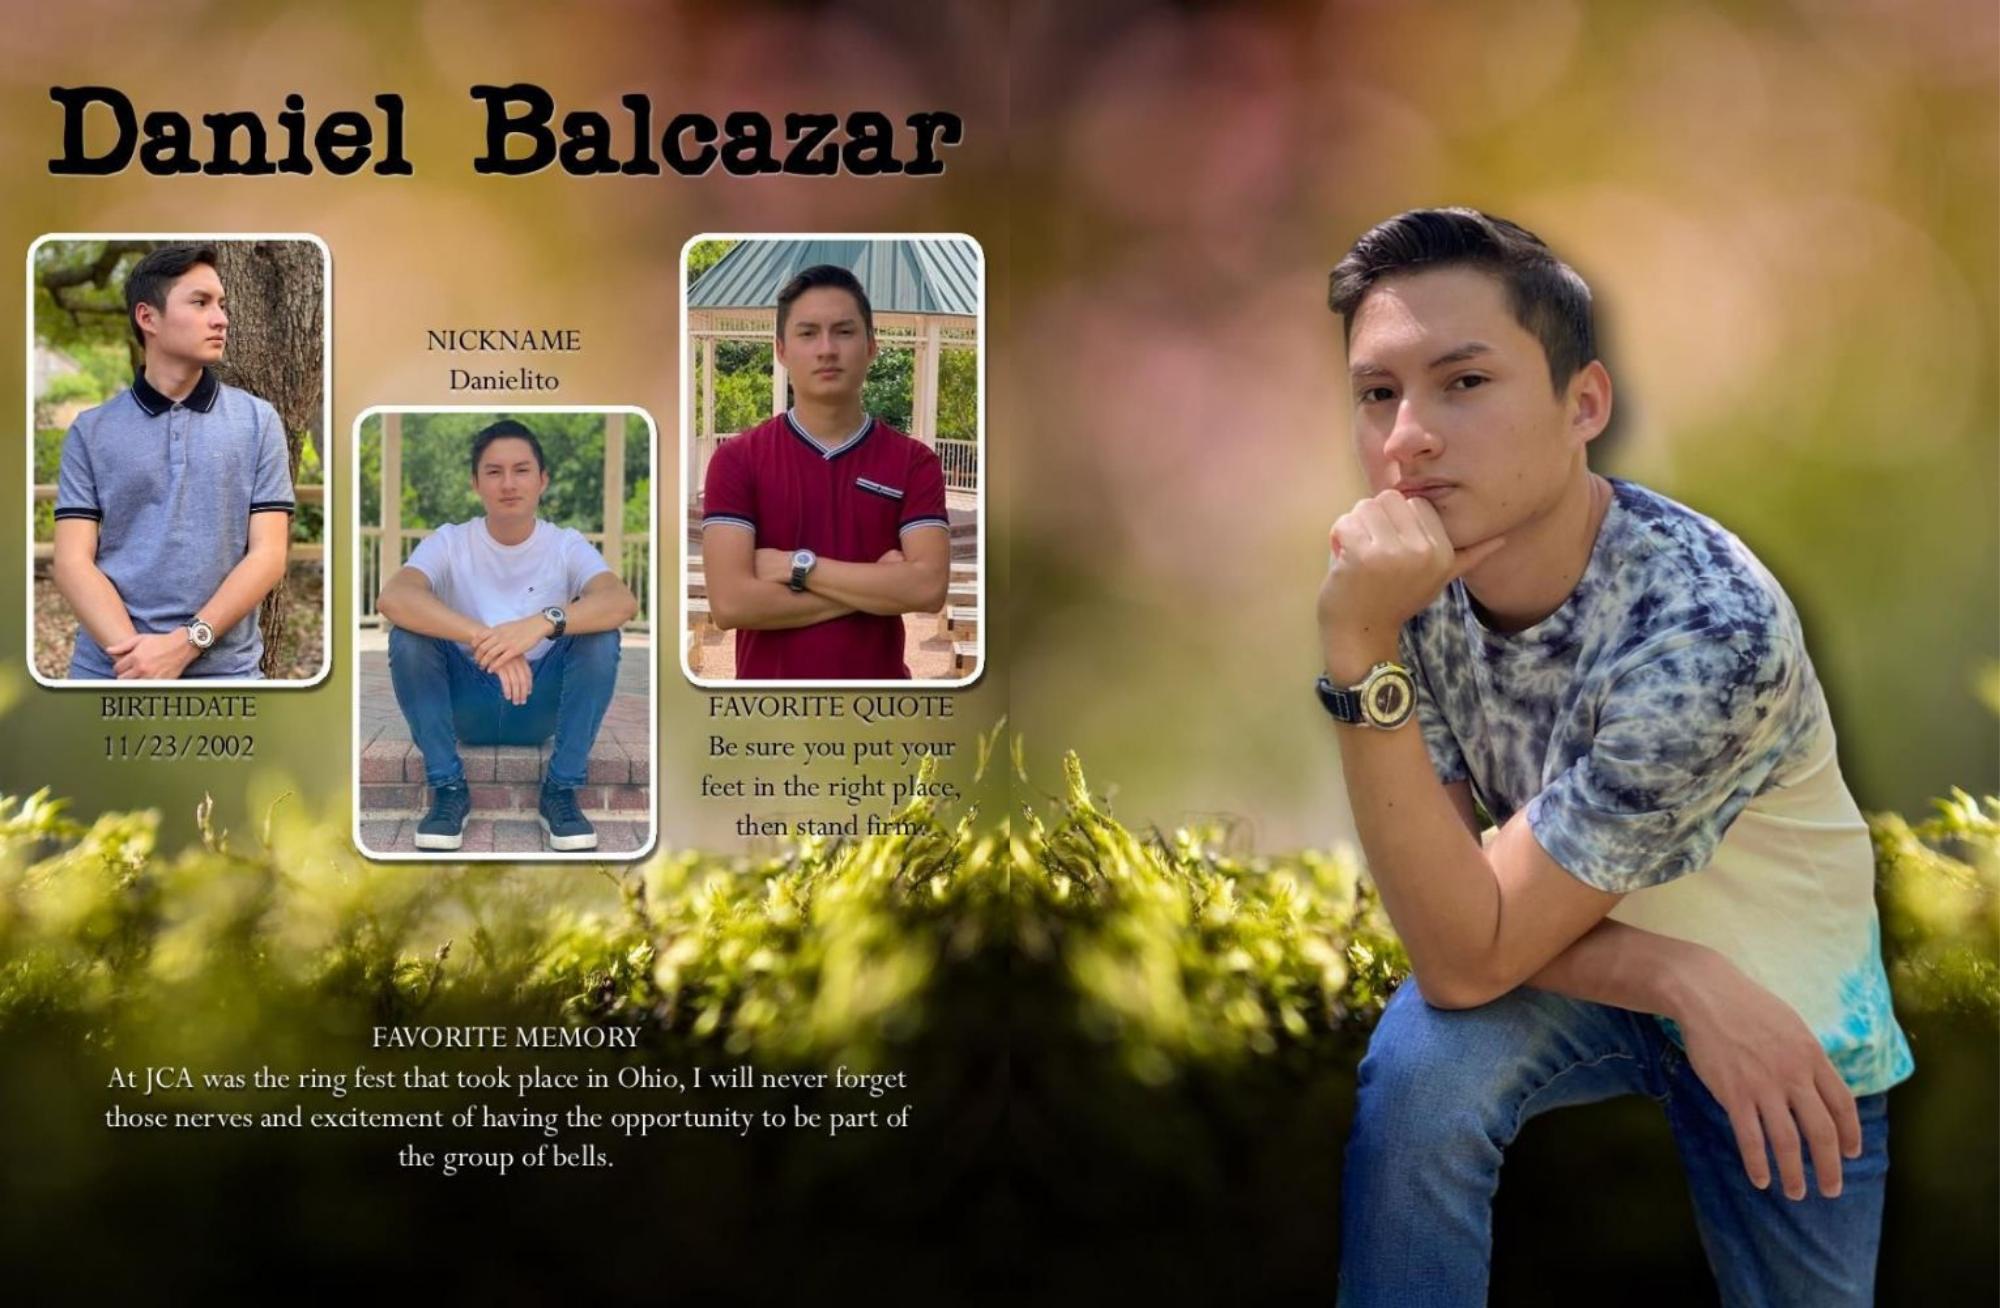 Balcazar, Daniel